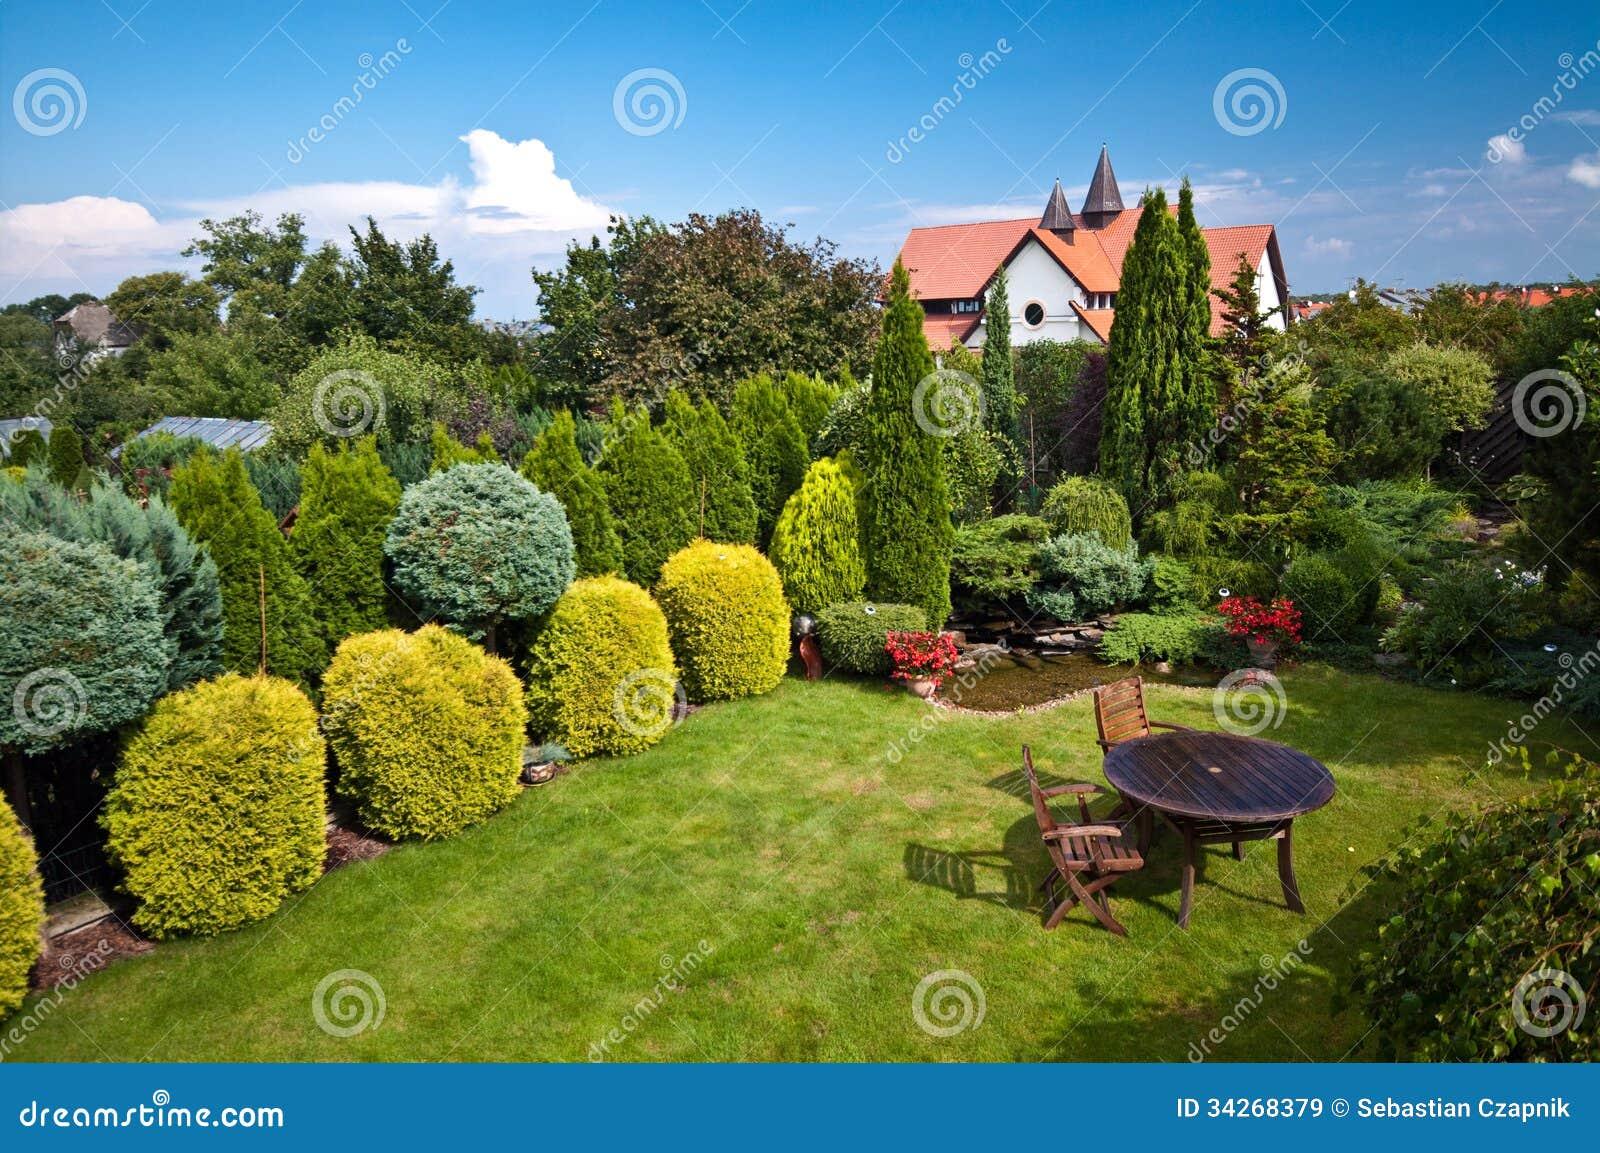 Chambre et jardins am nag s en parc images libres de for Jardin et parc 78